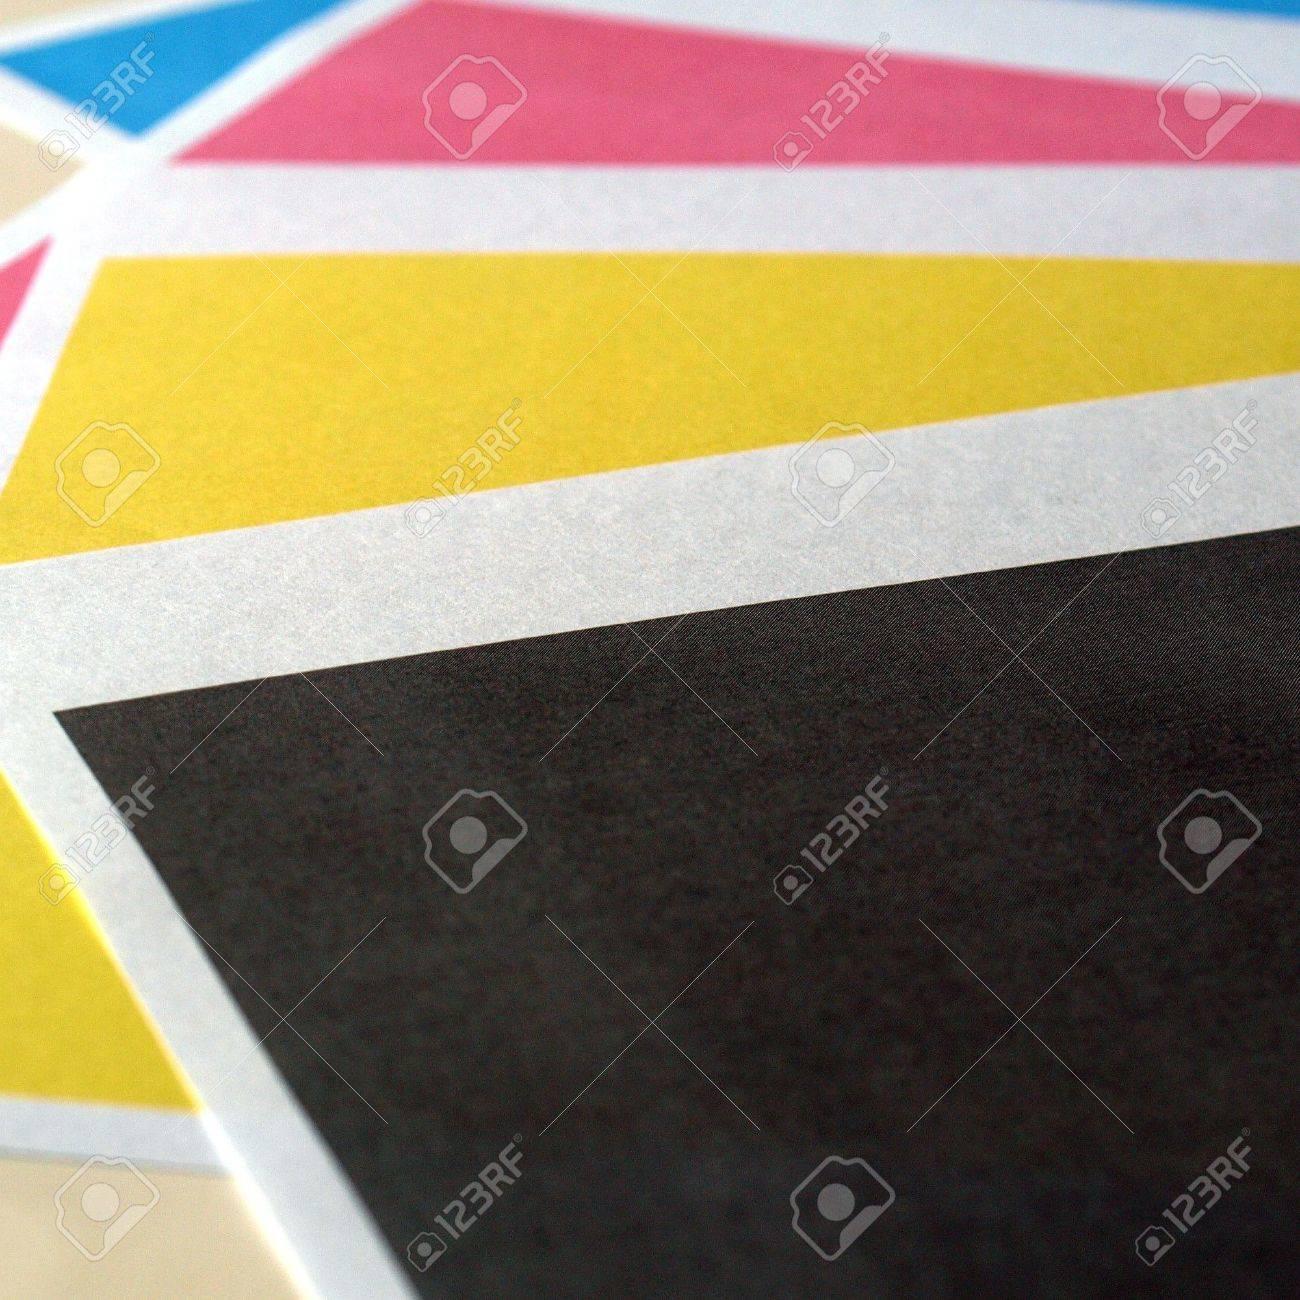 Prueba De Impresión De Impresora Color De Negros Tonos Amarillos ...